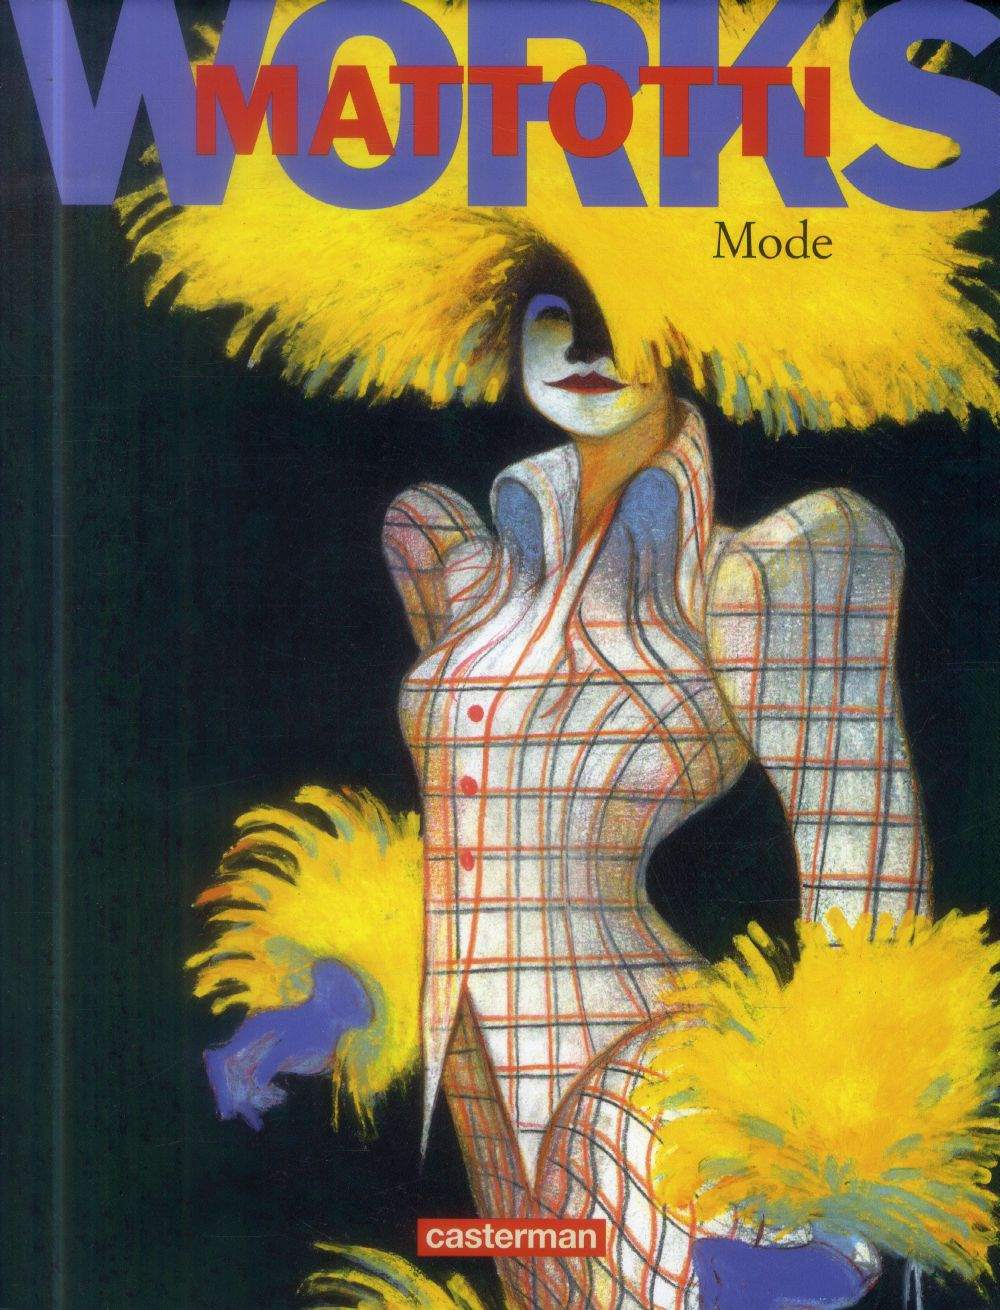 Mattotti works fashion